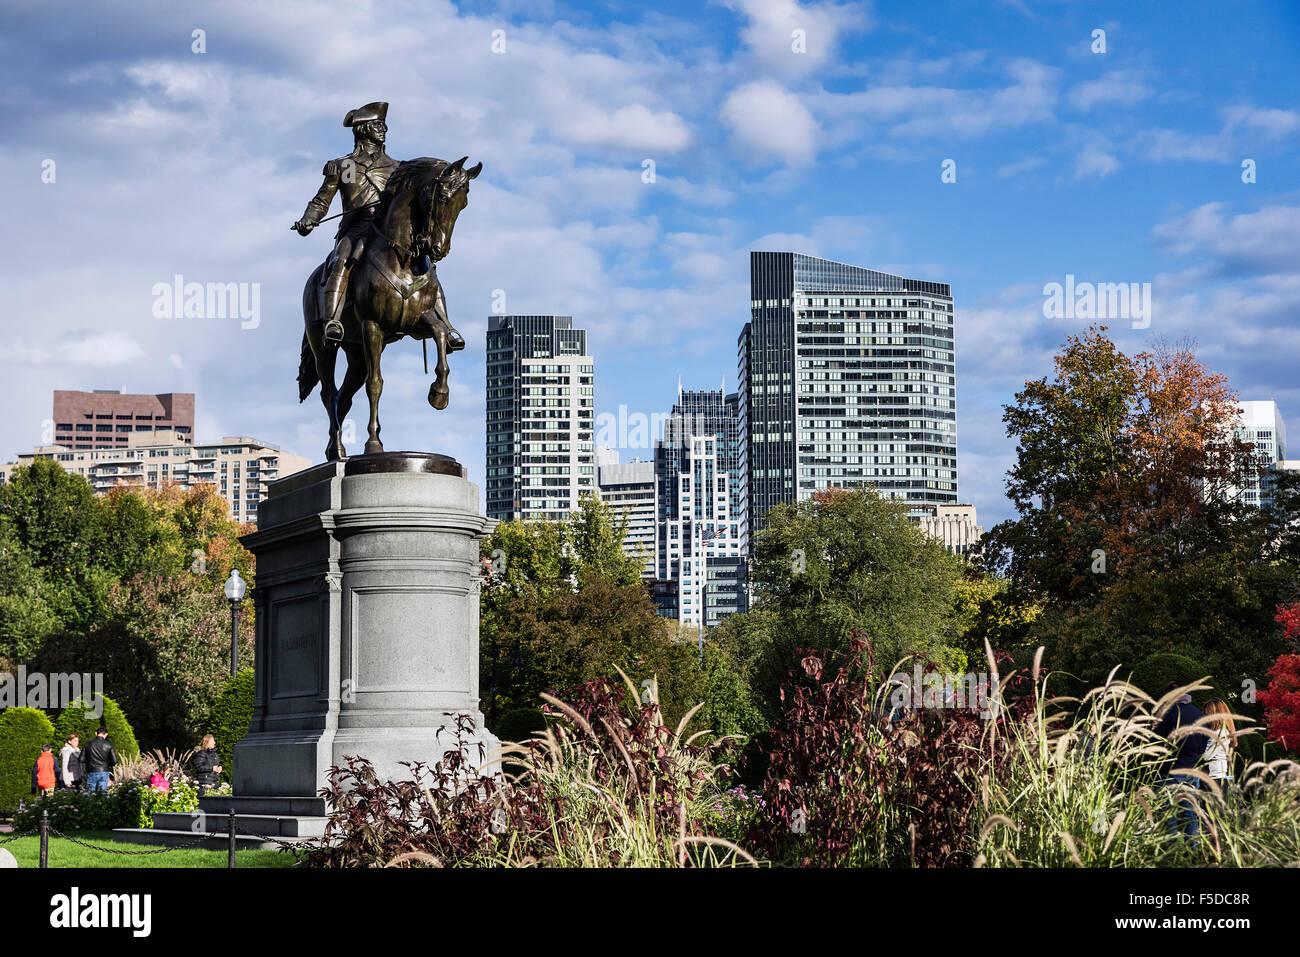 Estatua de bronce ecuestre de George Washington, en el jardín público de Boston, Massachusetts, EE.UU. Imagen De Stock